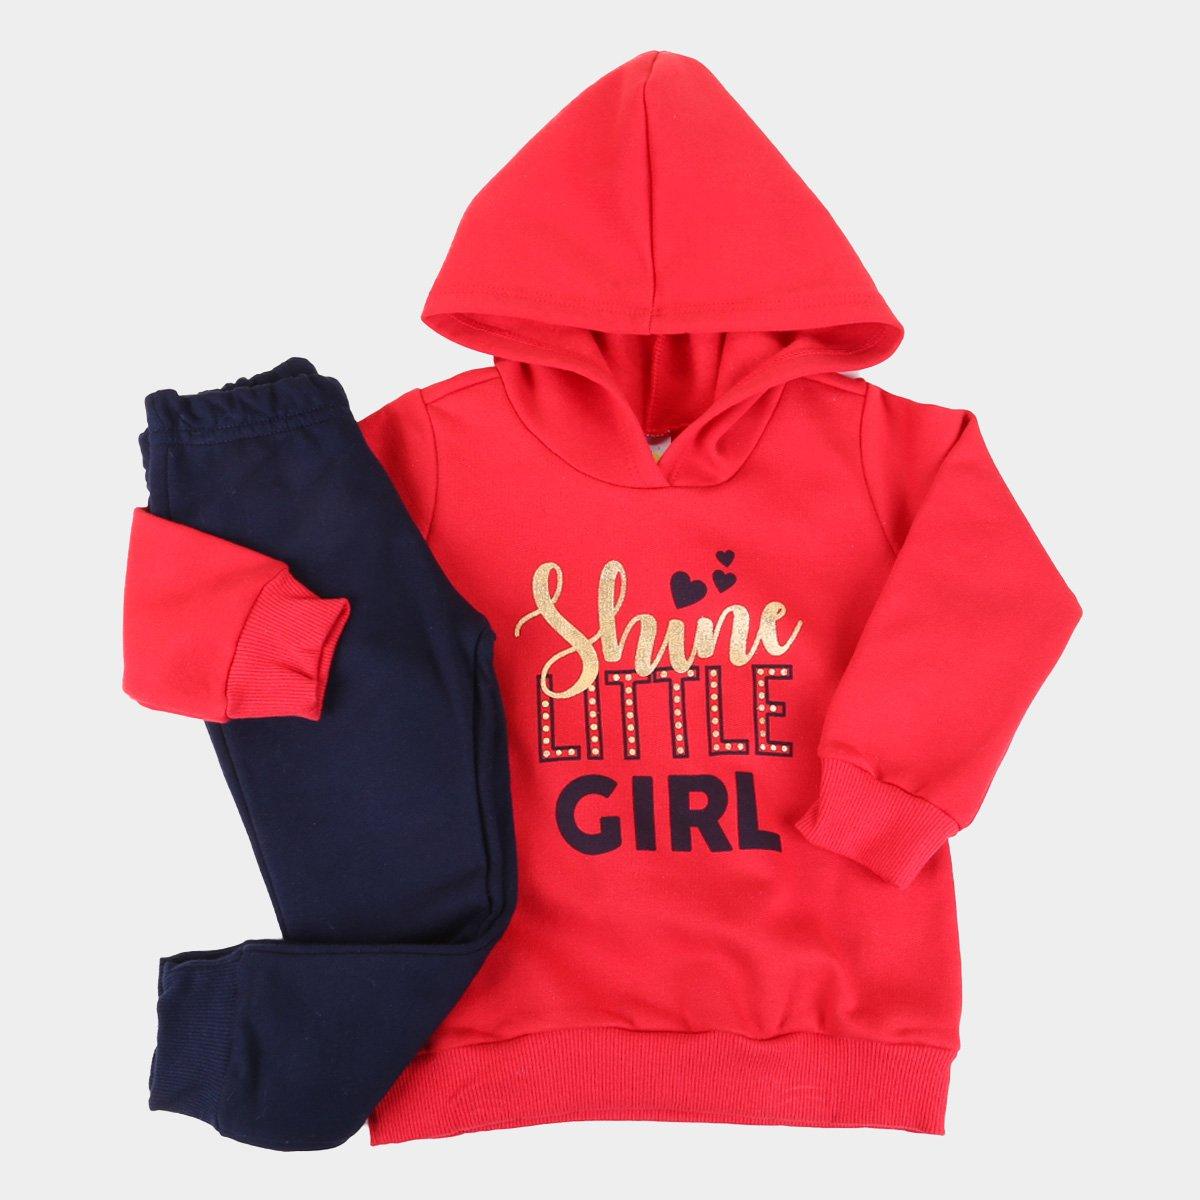 Conjunto Infantil Pulla Bulla Shine C/ Capuz Feminino